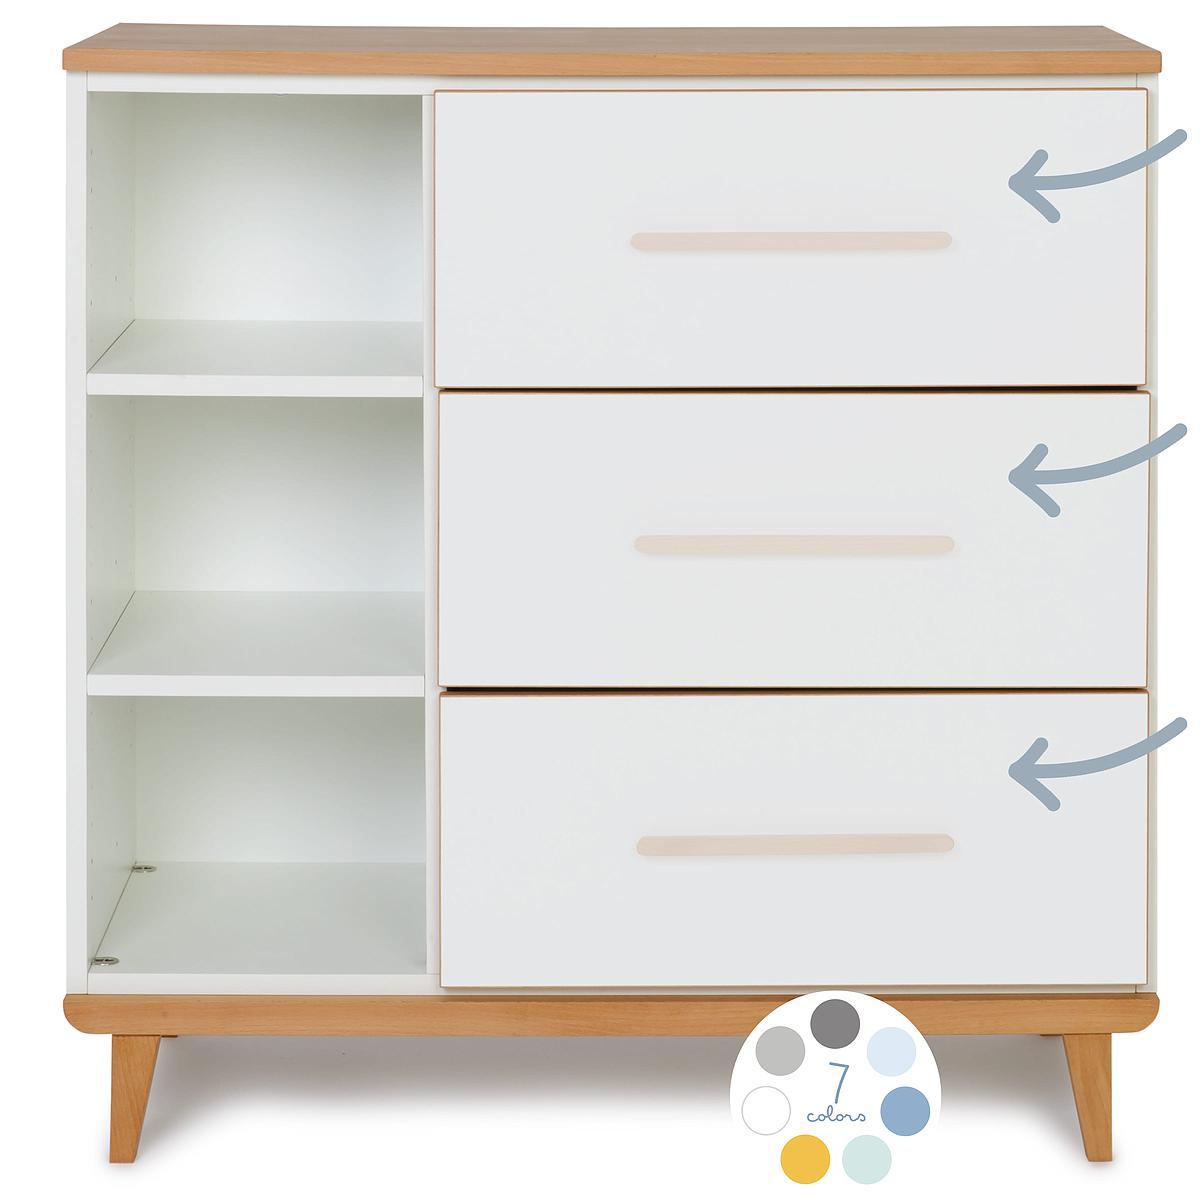 Kommode 3 Schubladen ohne frontschubladen NADO By A.K.